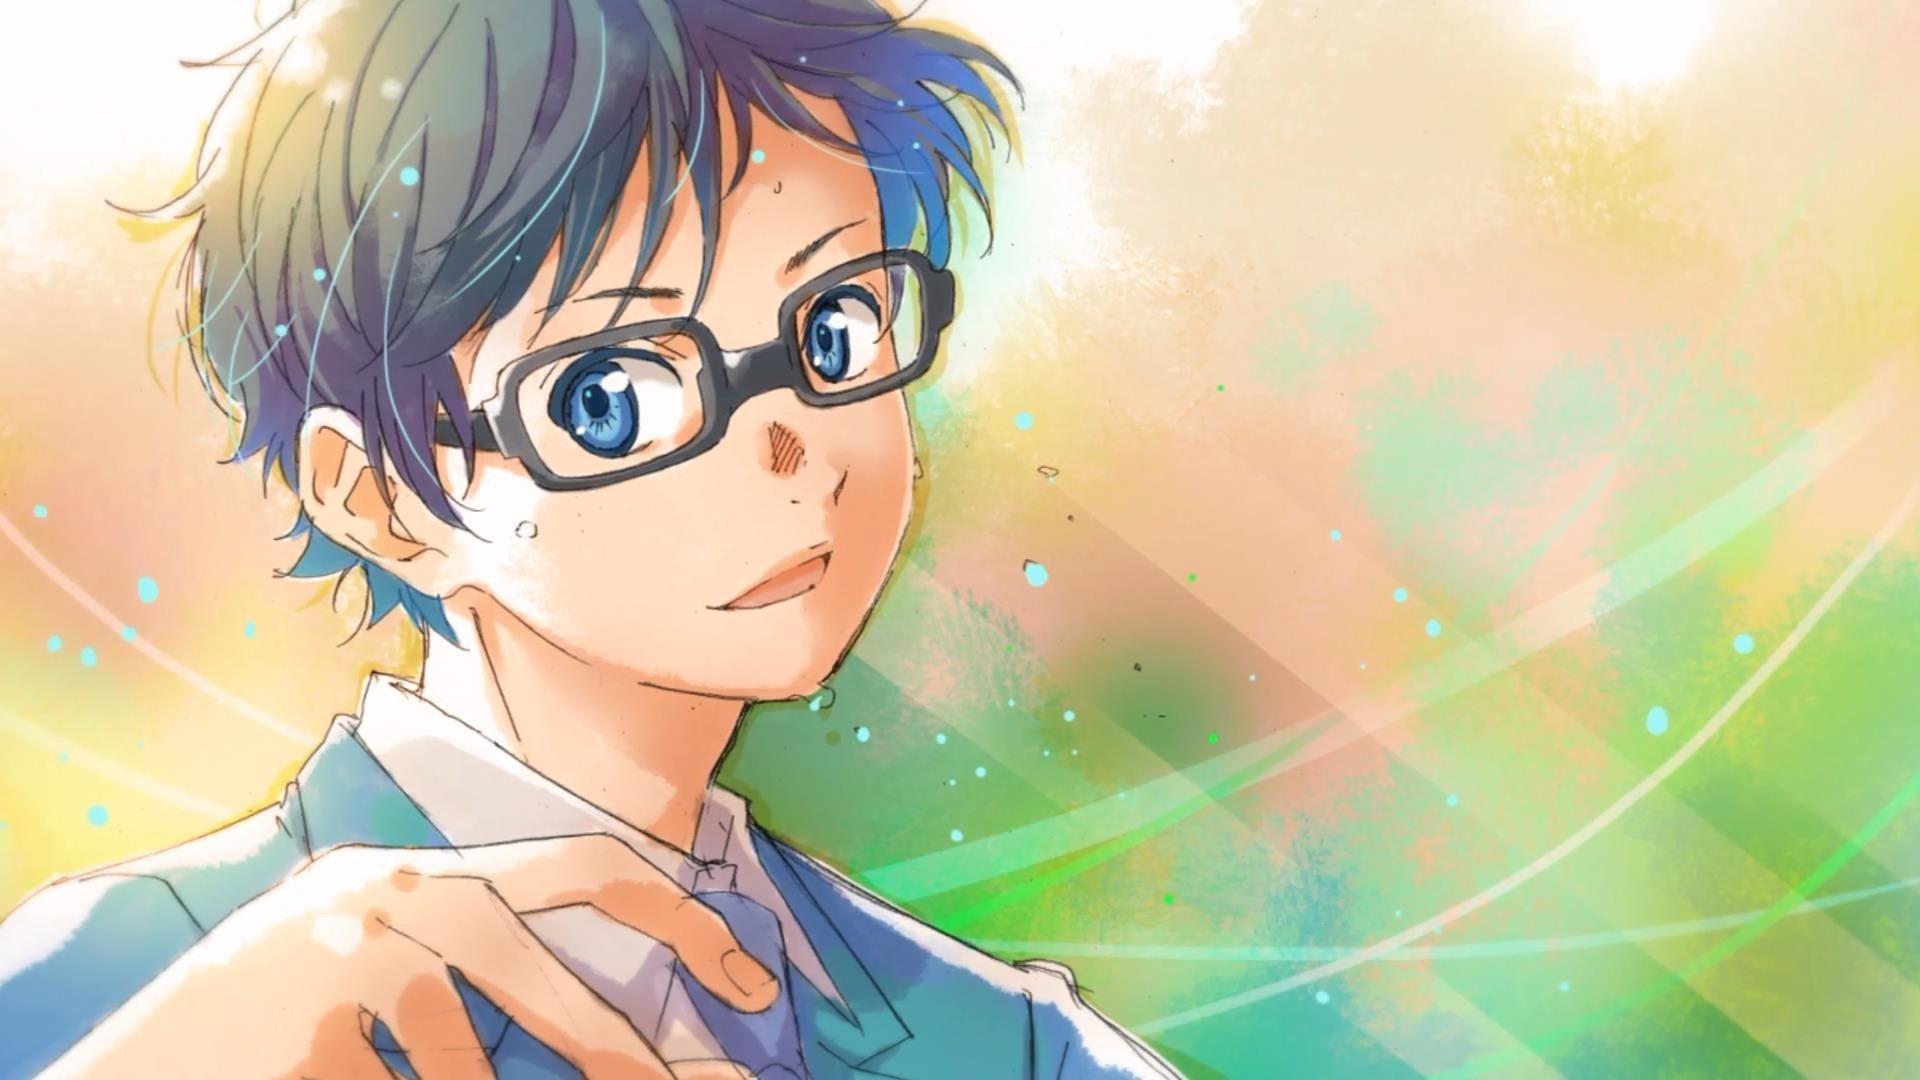 Wallpaper 1920x1080 Px Anime Arima Kousei Glasses